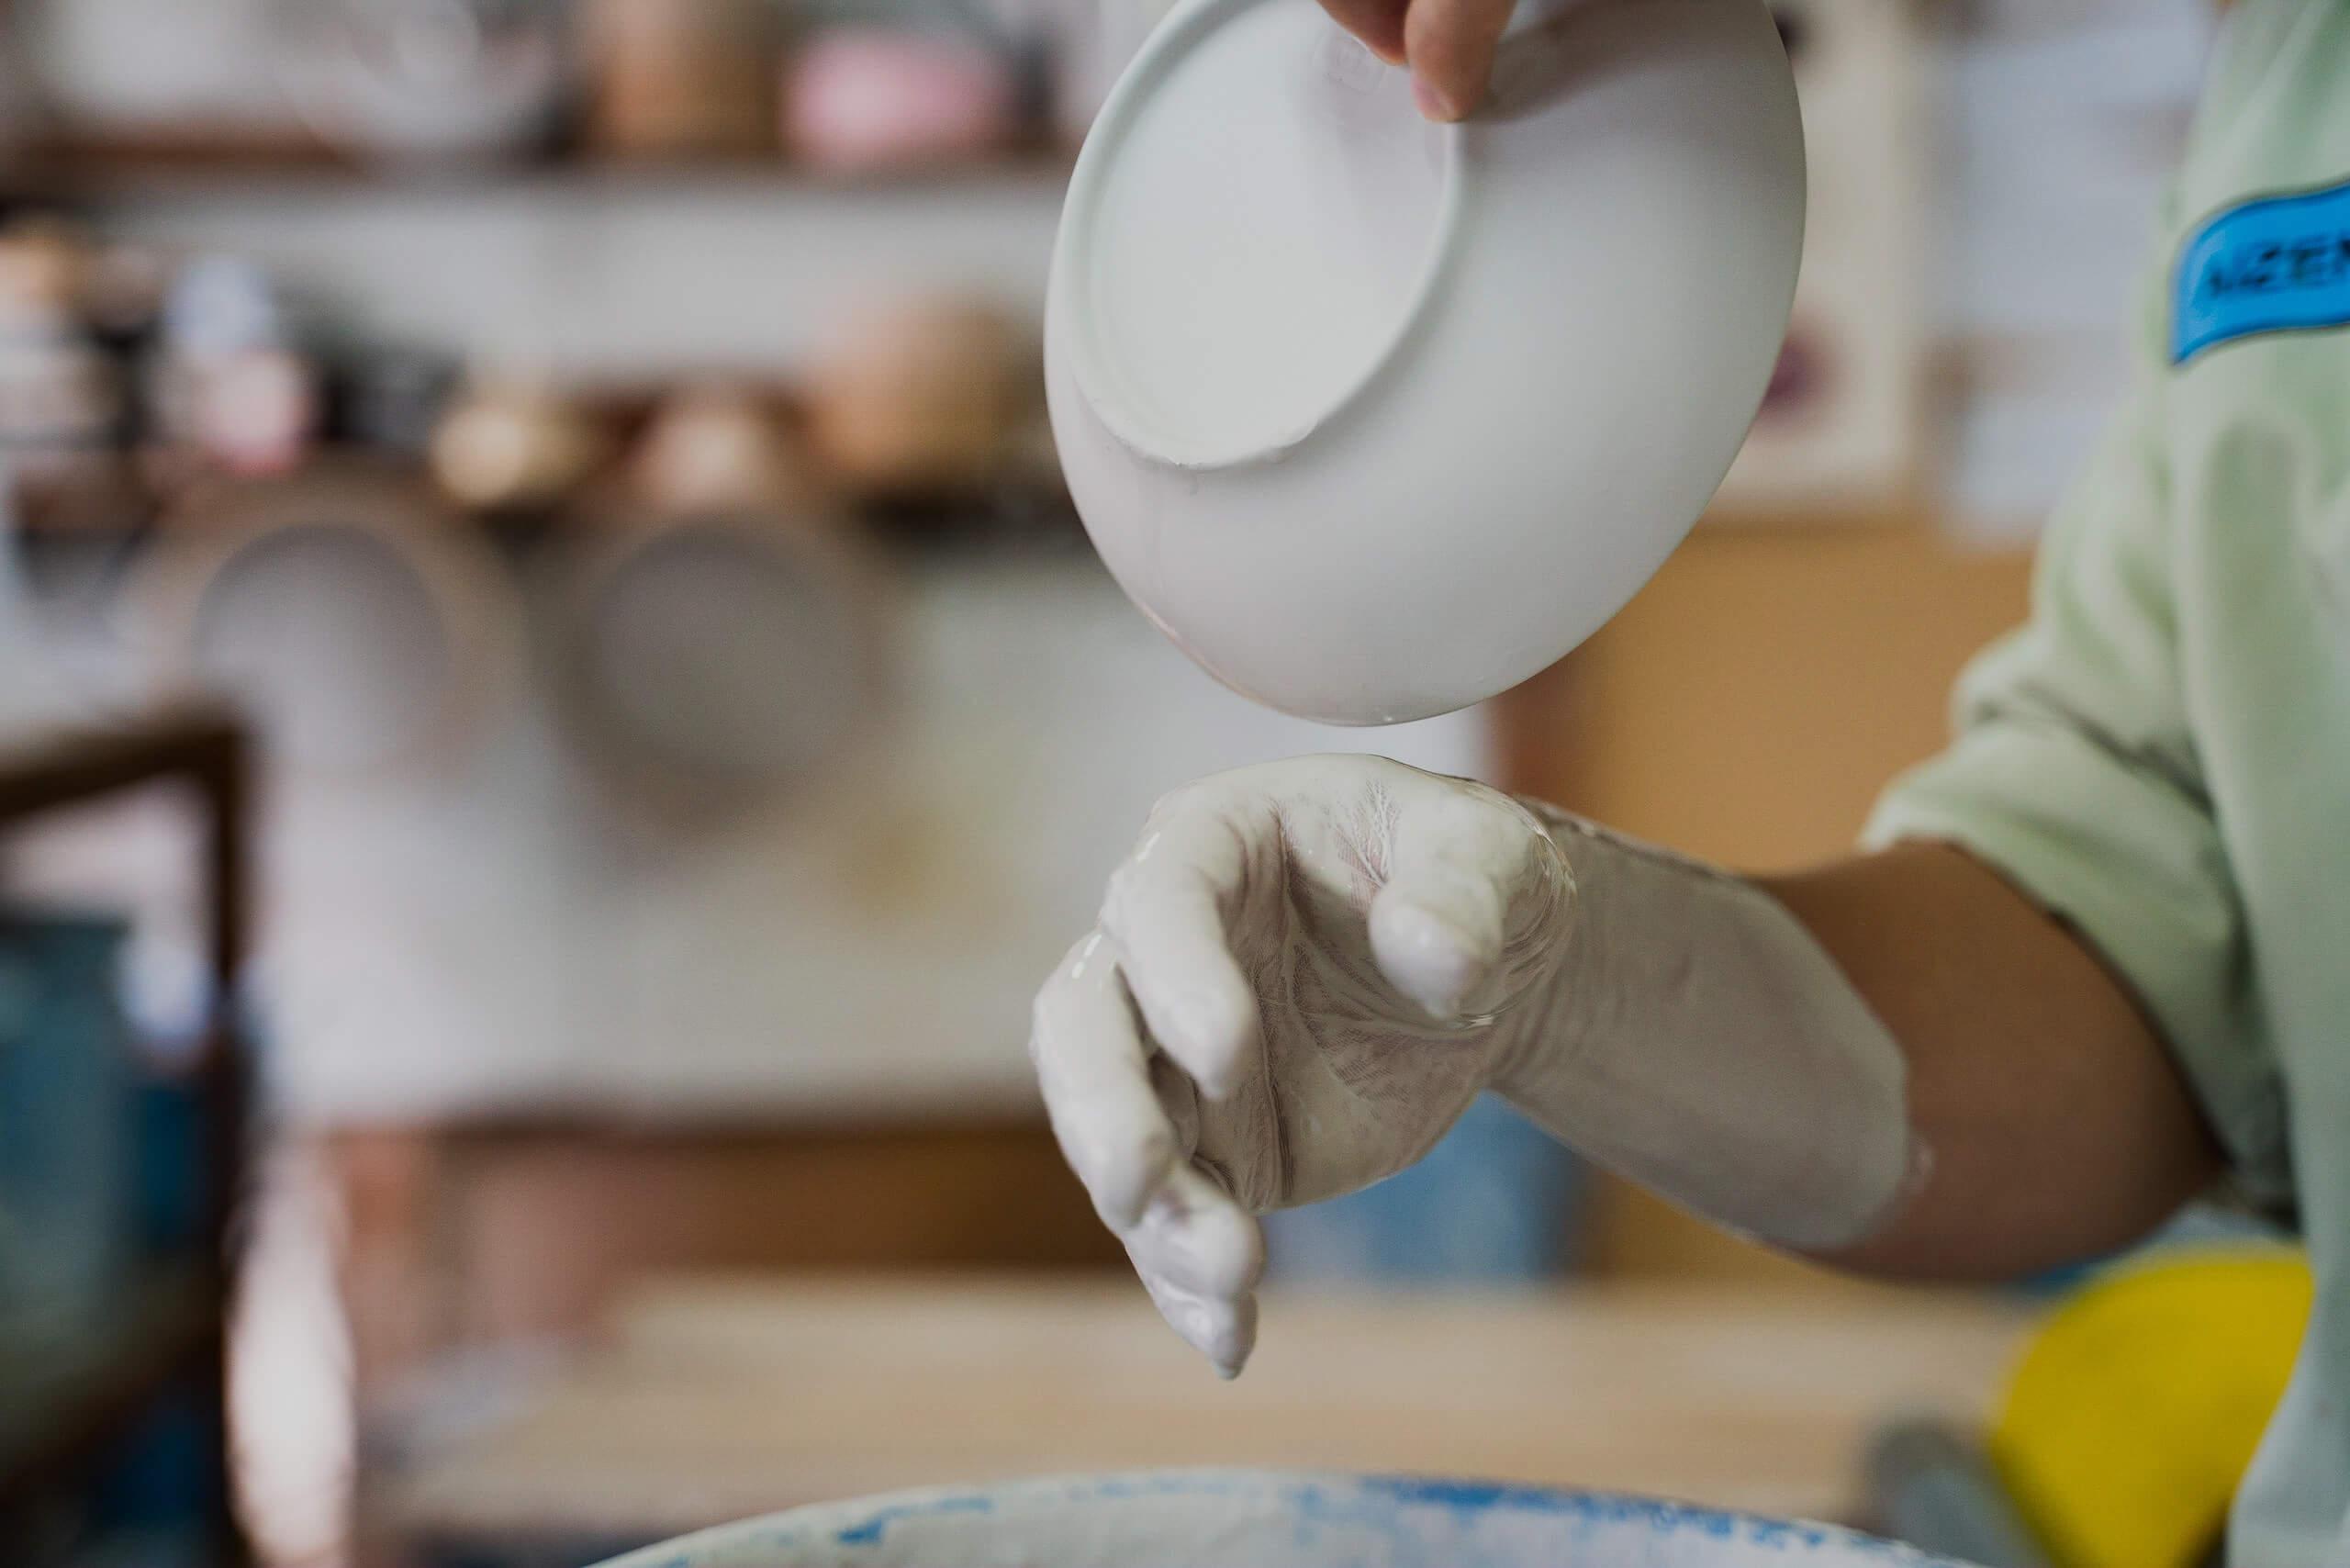 波佐見焼工房 藍染窯 - 波佐見から広がる、より豊かな生活